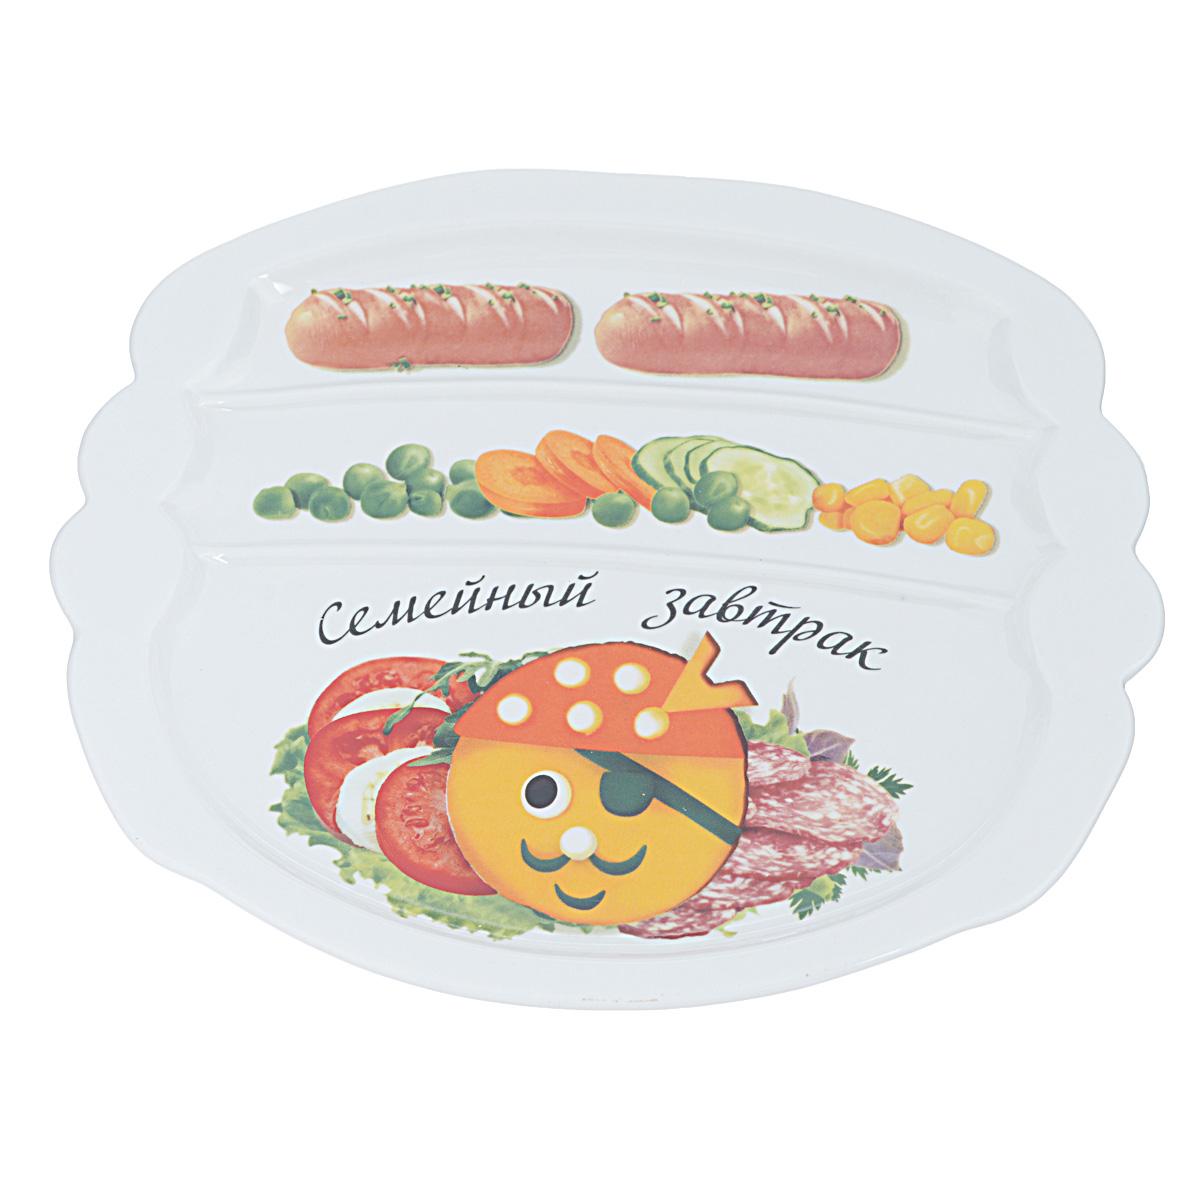 Тарелка для завтрака LarangE Семейный завтрак у пирата, 22,5 х 19 x 1,5 см589-312Тарелка для завтрака LarangE изготовлена из высококачественной керамики. Изделие украшено ярким изображением. Тарелка имеет три отделения: 2 маленьких отделения для сосисок и одно большое отделение для яичницы или другого блюда. Можно использовать в СВЧ печах, духовом шкафу и холодильнике. Не применять абразивные чистящие вещества.